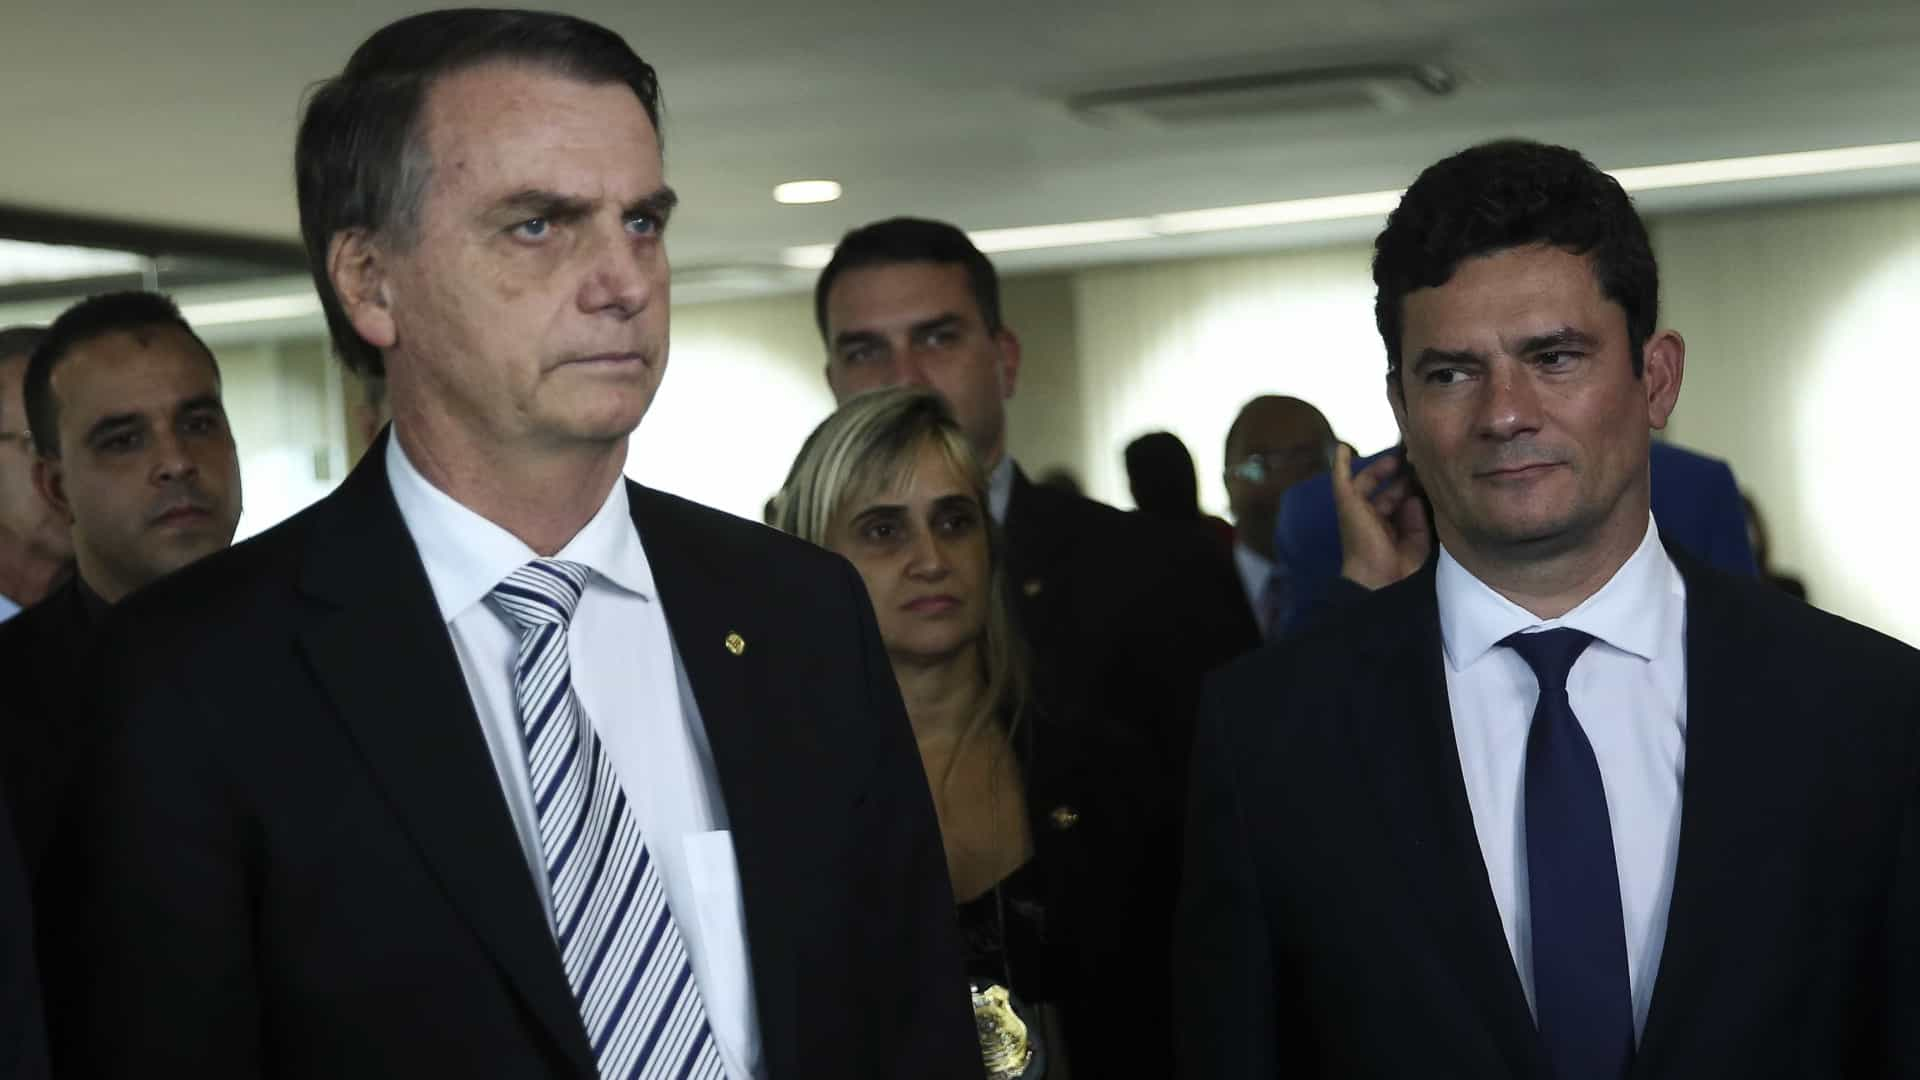 Governo quer evitar 'pelotão de fuzilamento' em audiência de Moro